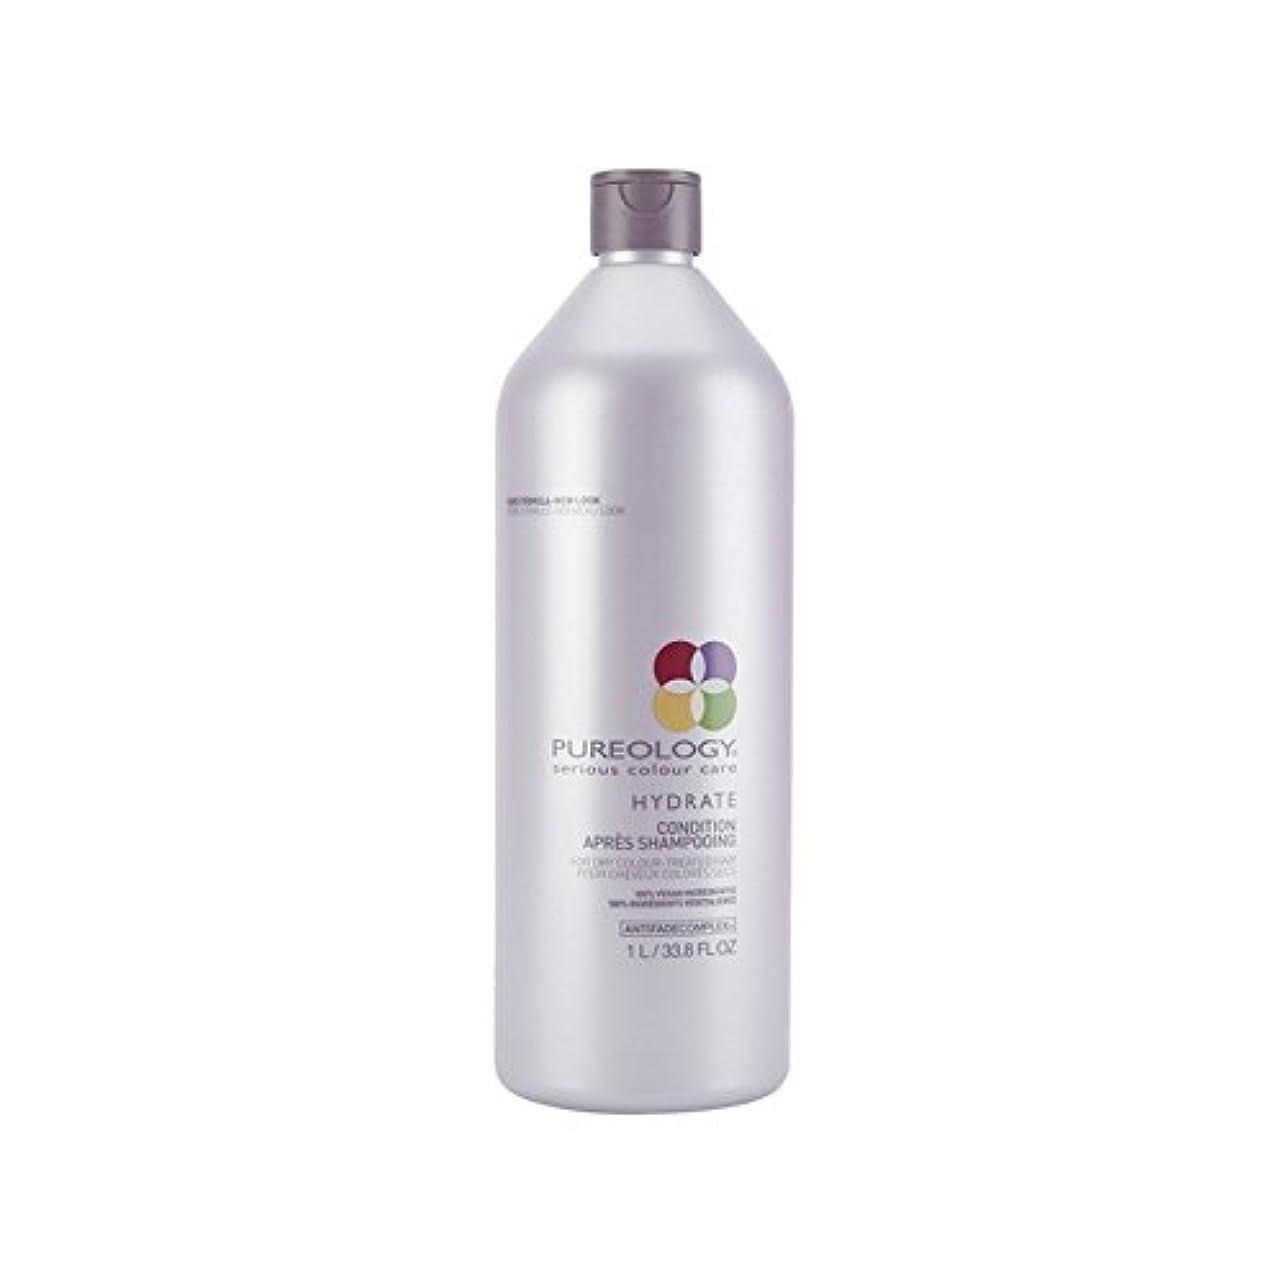 神のスツールブローホール純粋な水和物コンディショナー(千ミリリットル) x2 - Pureology Pure Hydrate Conditioner (1000ml) (Pack of 2) [並行輸入品]